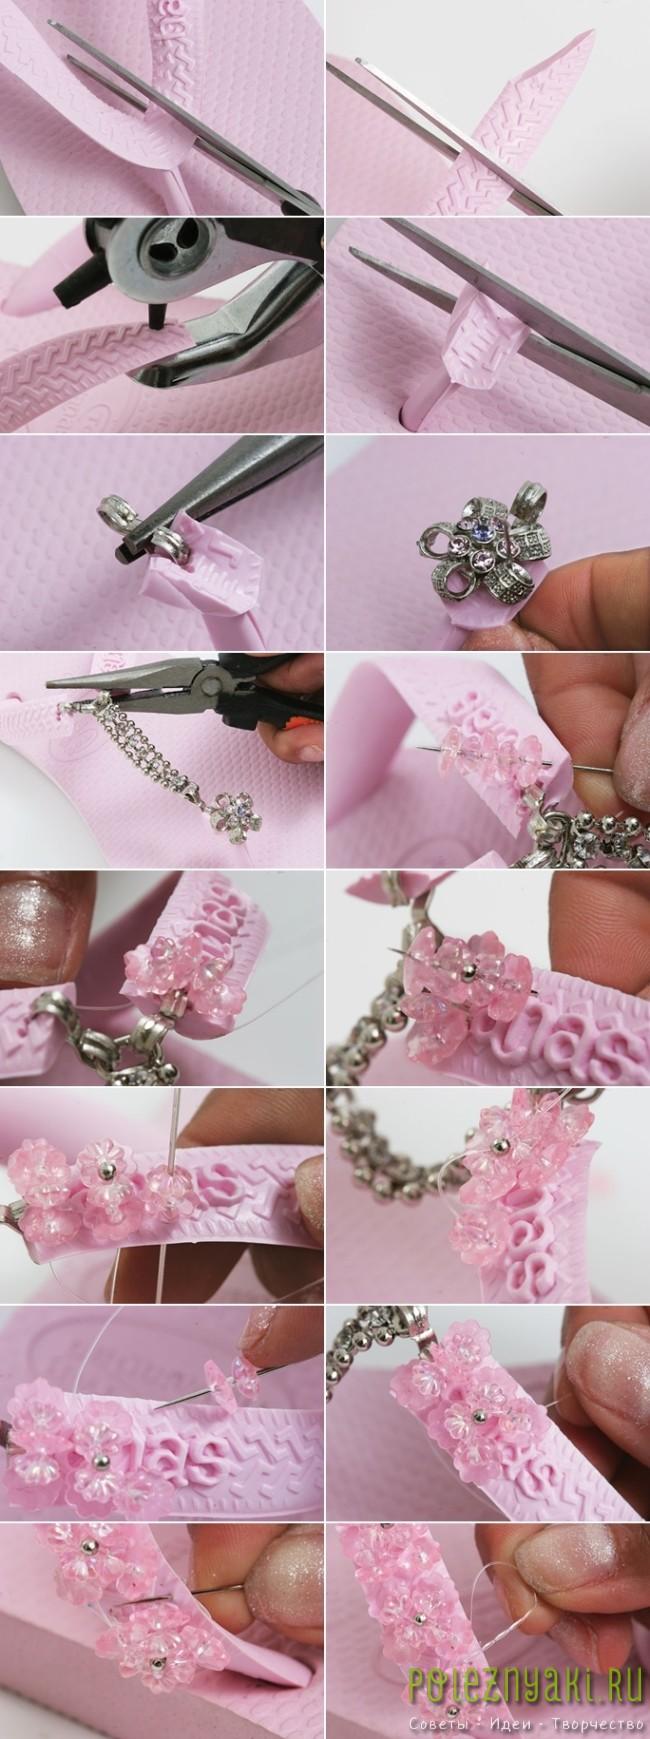 Руководство по украшению розовых шлепок бусинками 2